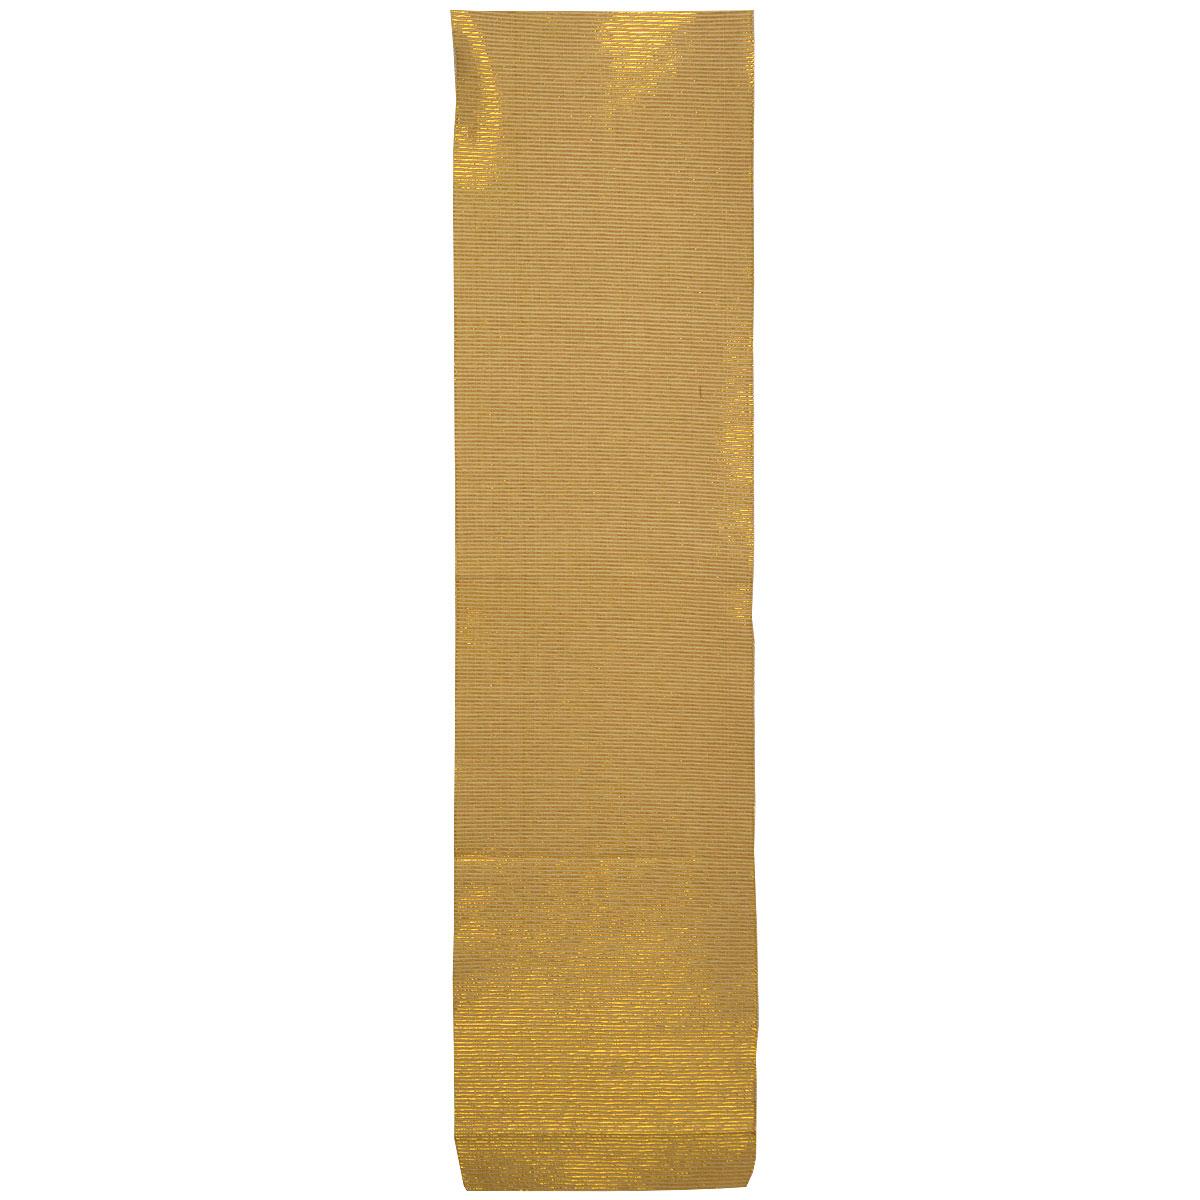 Дорожка Arloni Фест, цвет: золотистый, 33 см х 140 см8036Дорожка Arloni Фест изготовлена из 75% хлопка и 25% люрекса. Изделие оснащено рельефной поверхностью. Отличается высокой износоустойчивостью, хорошо впитывает влагу, не теряет своих свойств после многократных стирок. Дорожка гармонично впишется в интерьер вашего дома и создаст атмосферу уюта и комфорта. Идеальный вариант для ванной, балкона, прихожей или комнаты, террасы или веранды в загородном доме. Изделие отличается высоким качеством пошива и стильным дизайном.